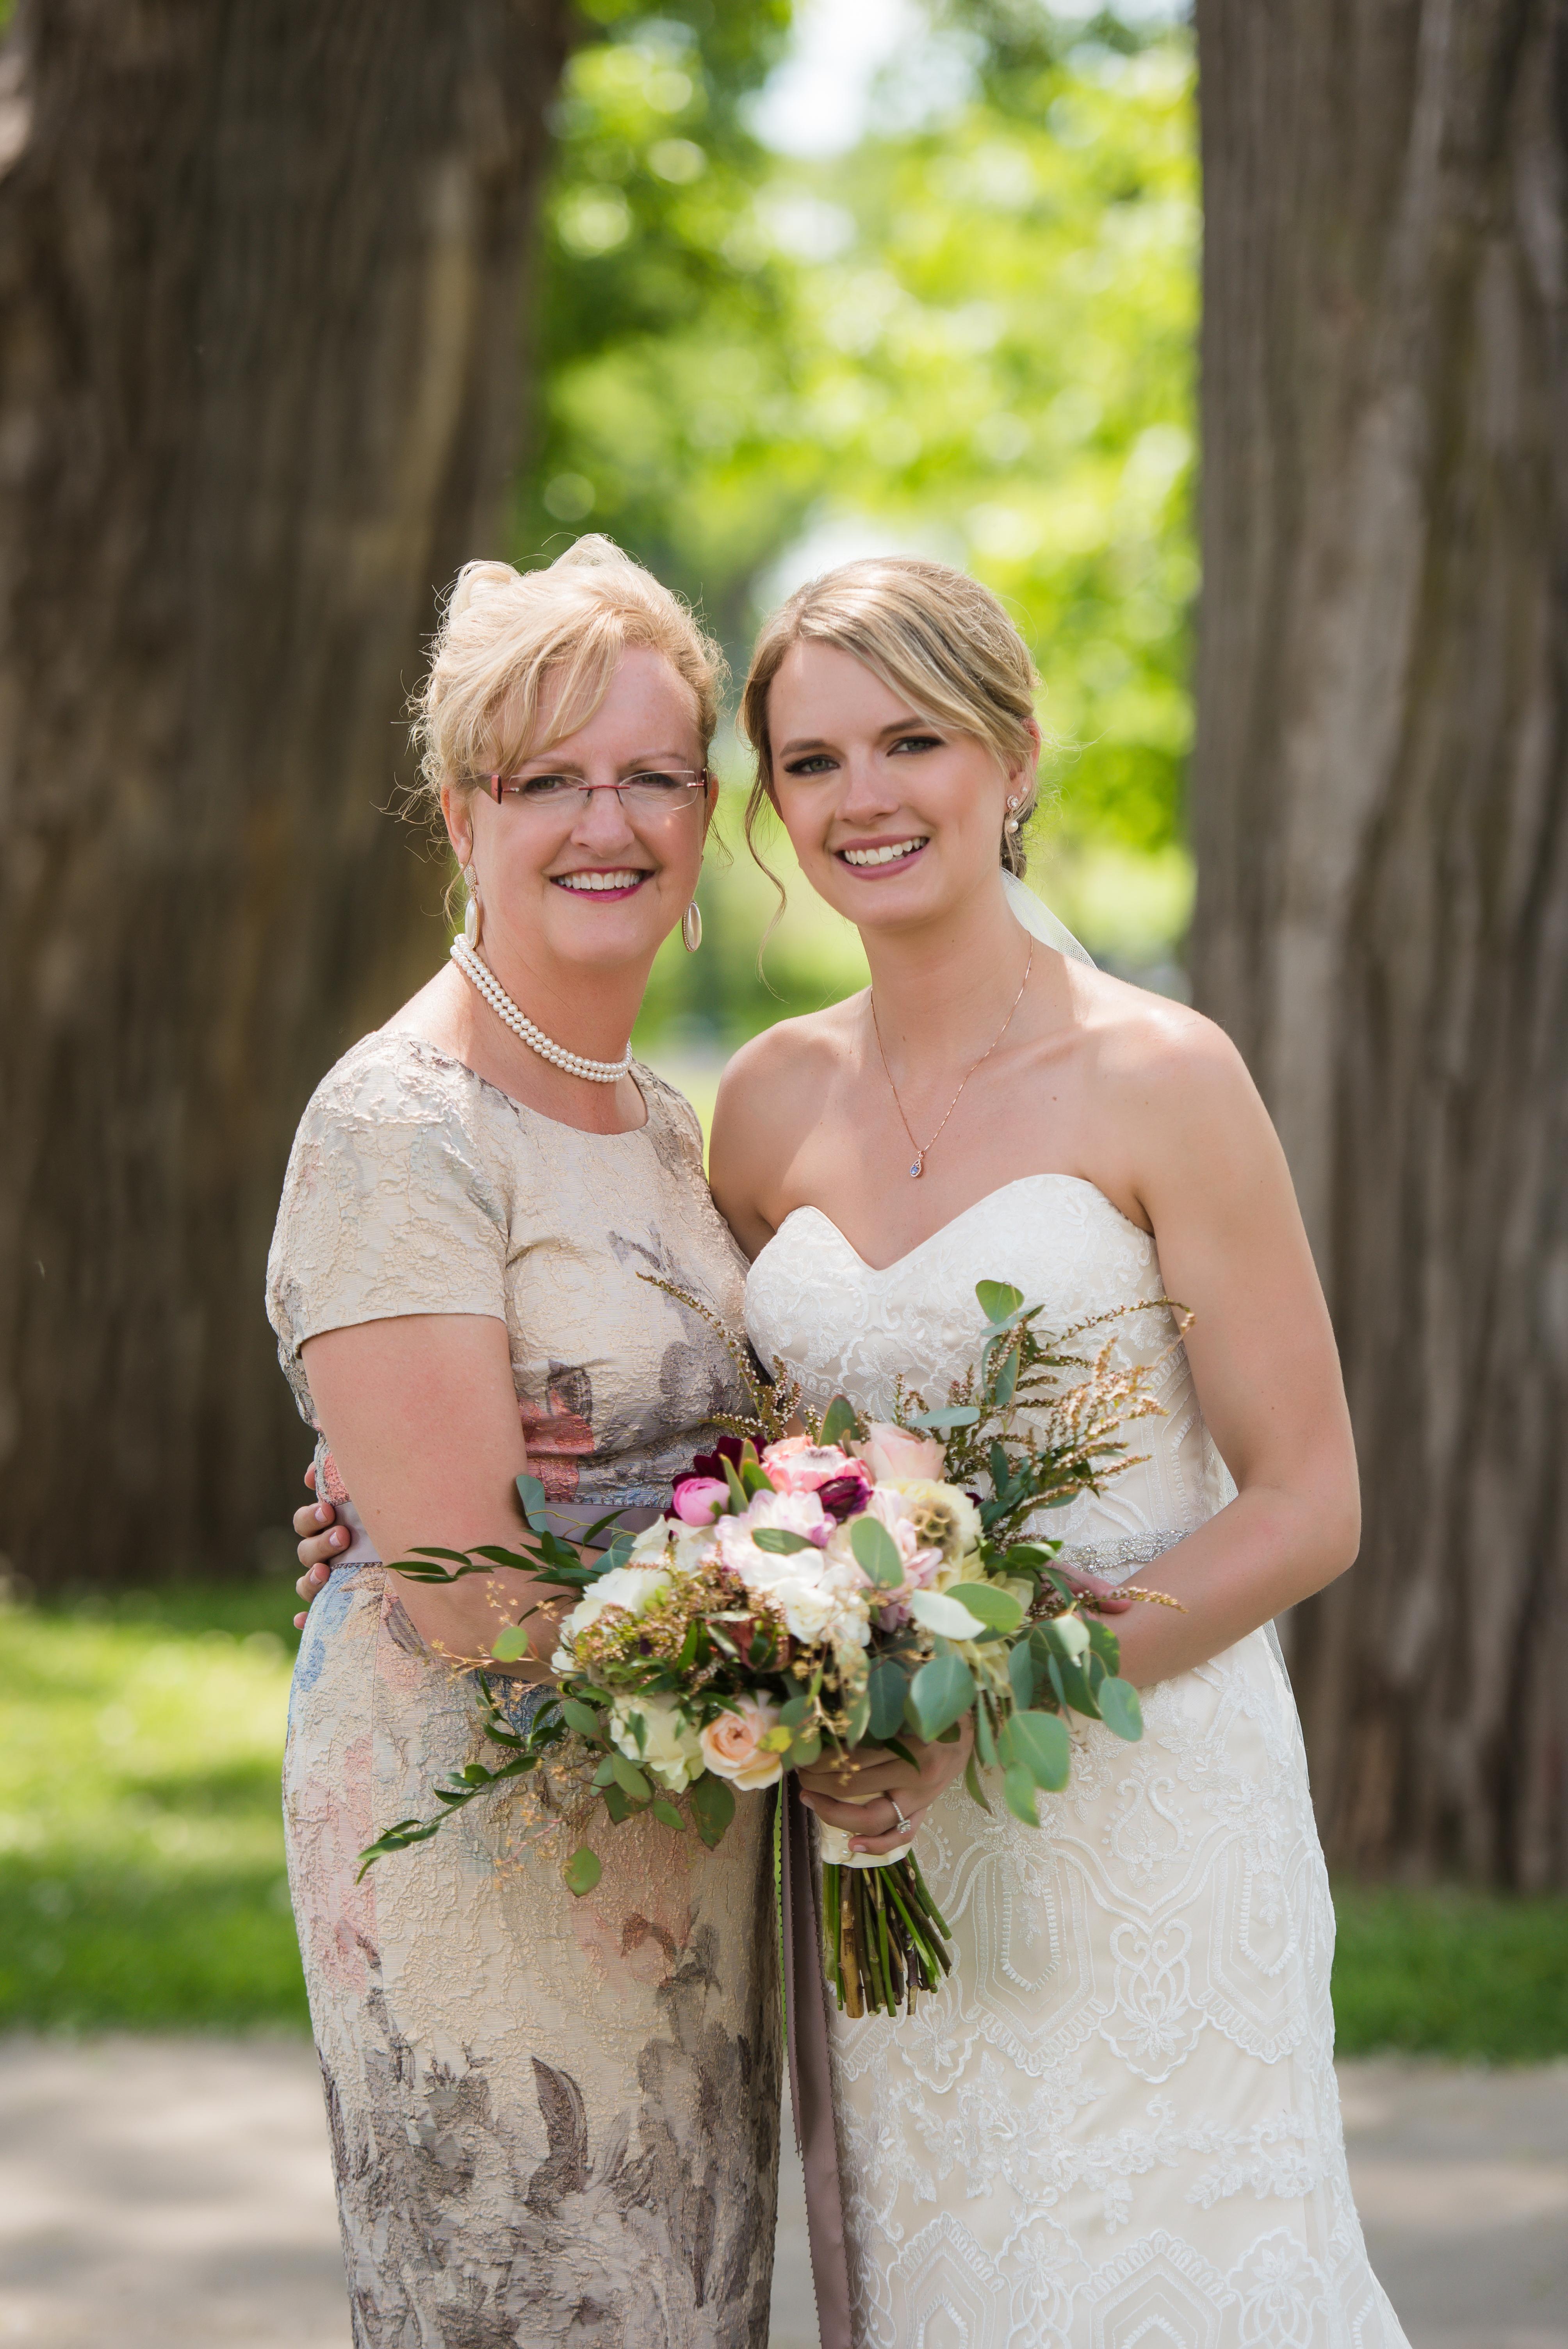 twincities wedding photography east oaks photography wedding photo (17)